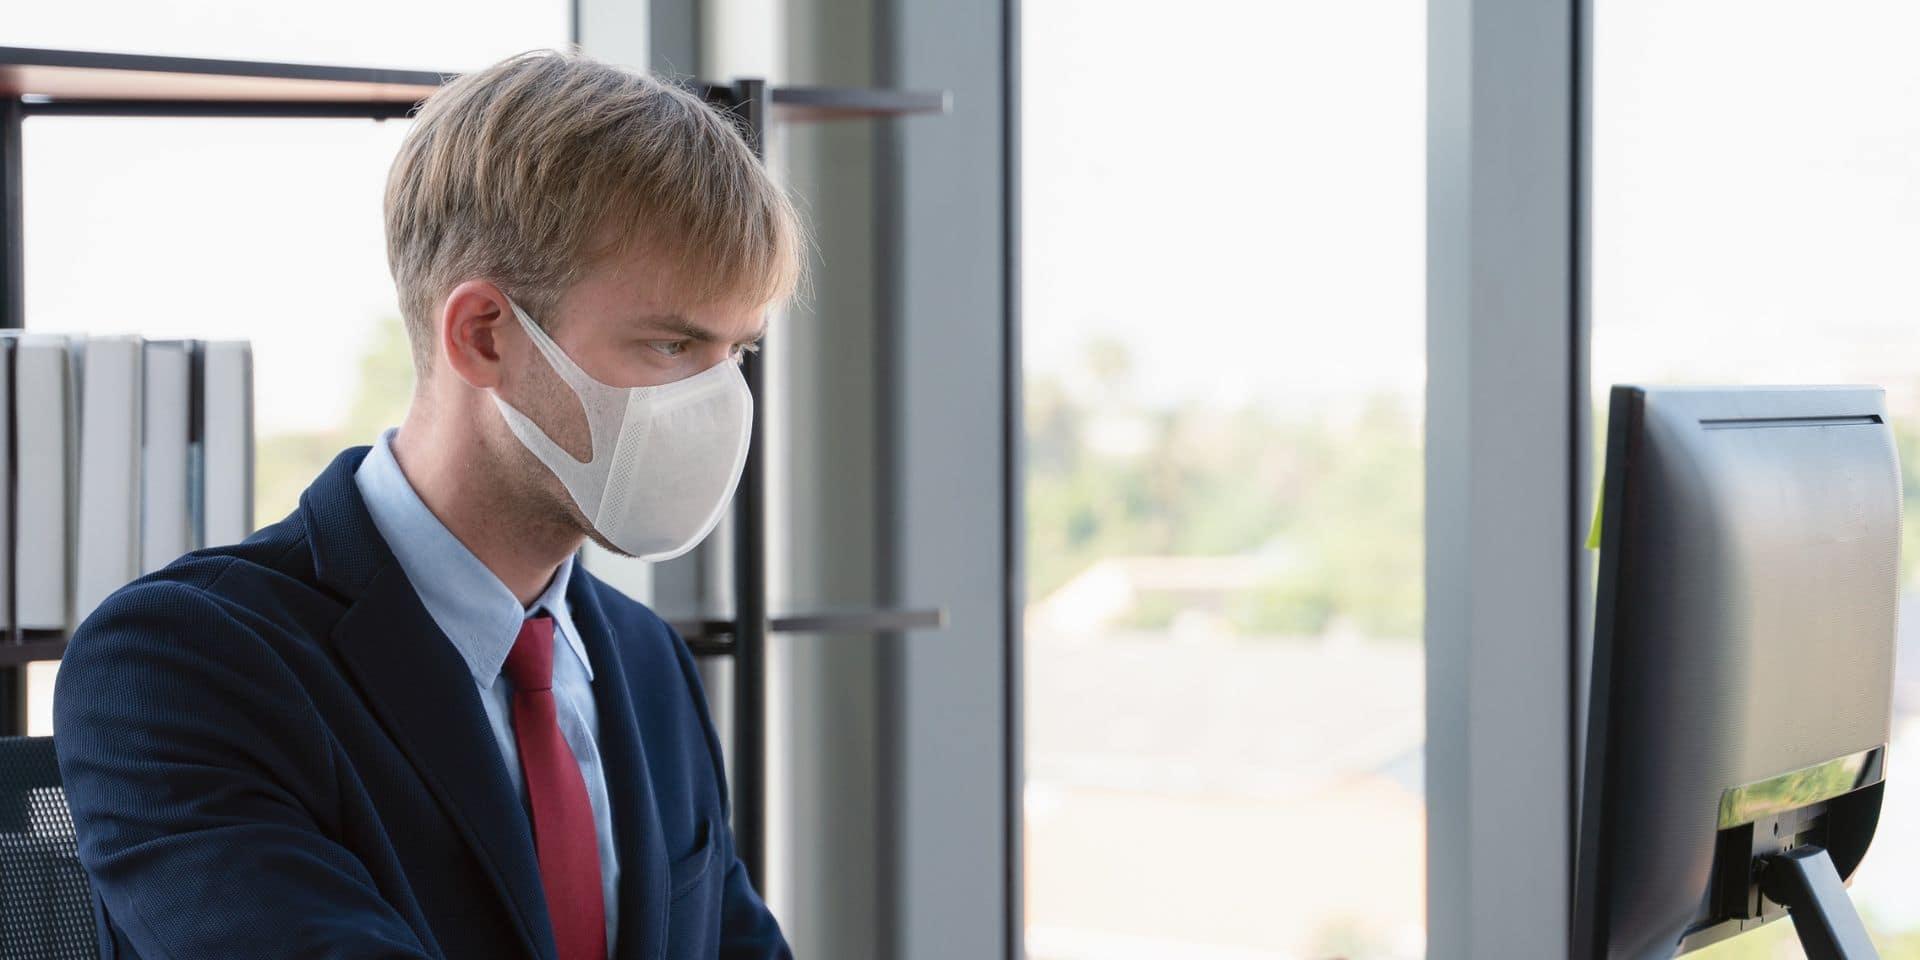 Télétravail, rémunération, indemnités: ce qu'il faut savoir sur les droits des travailleurs en cas d'épidémie de coronavirus